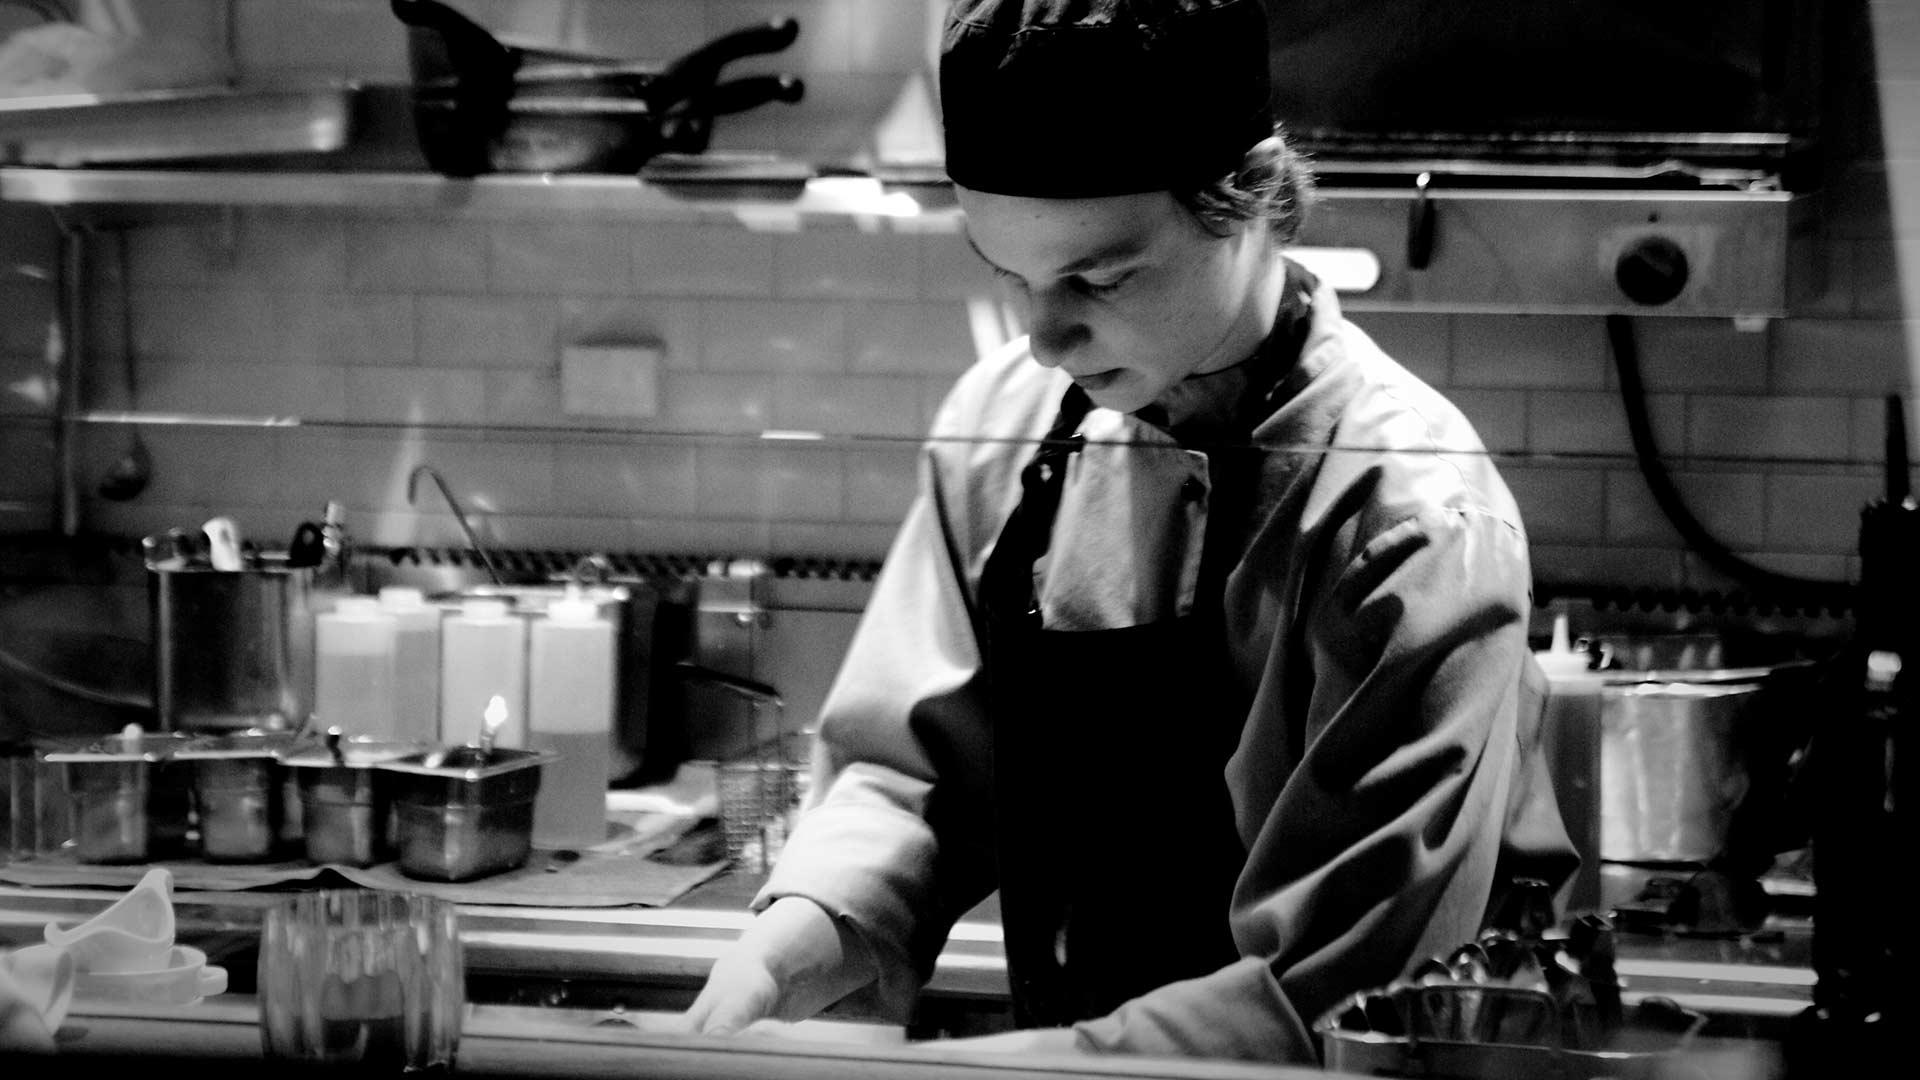 chefs de cuisine